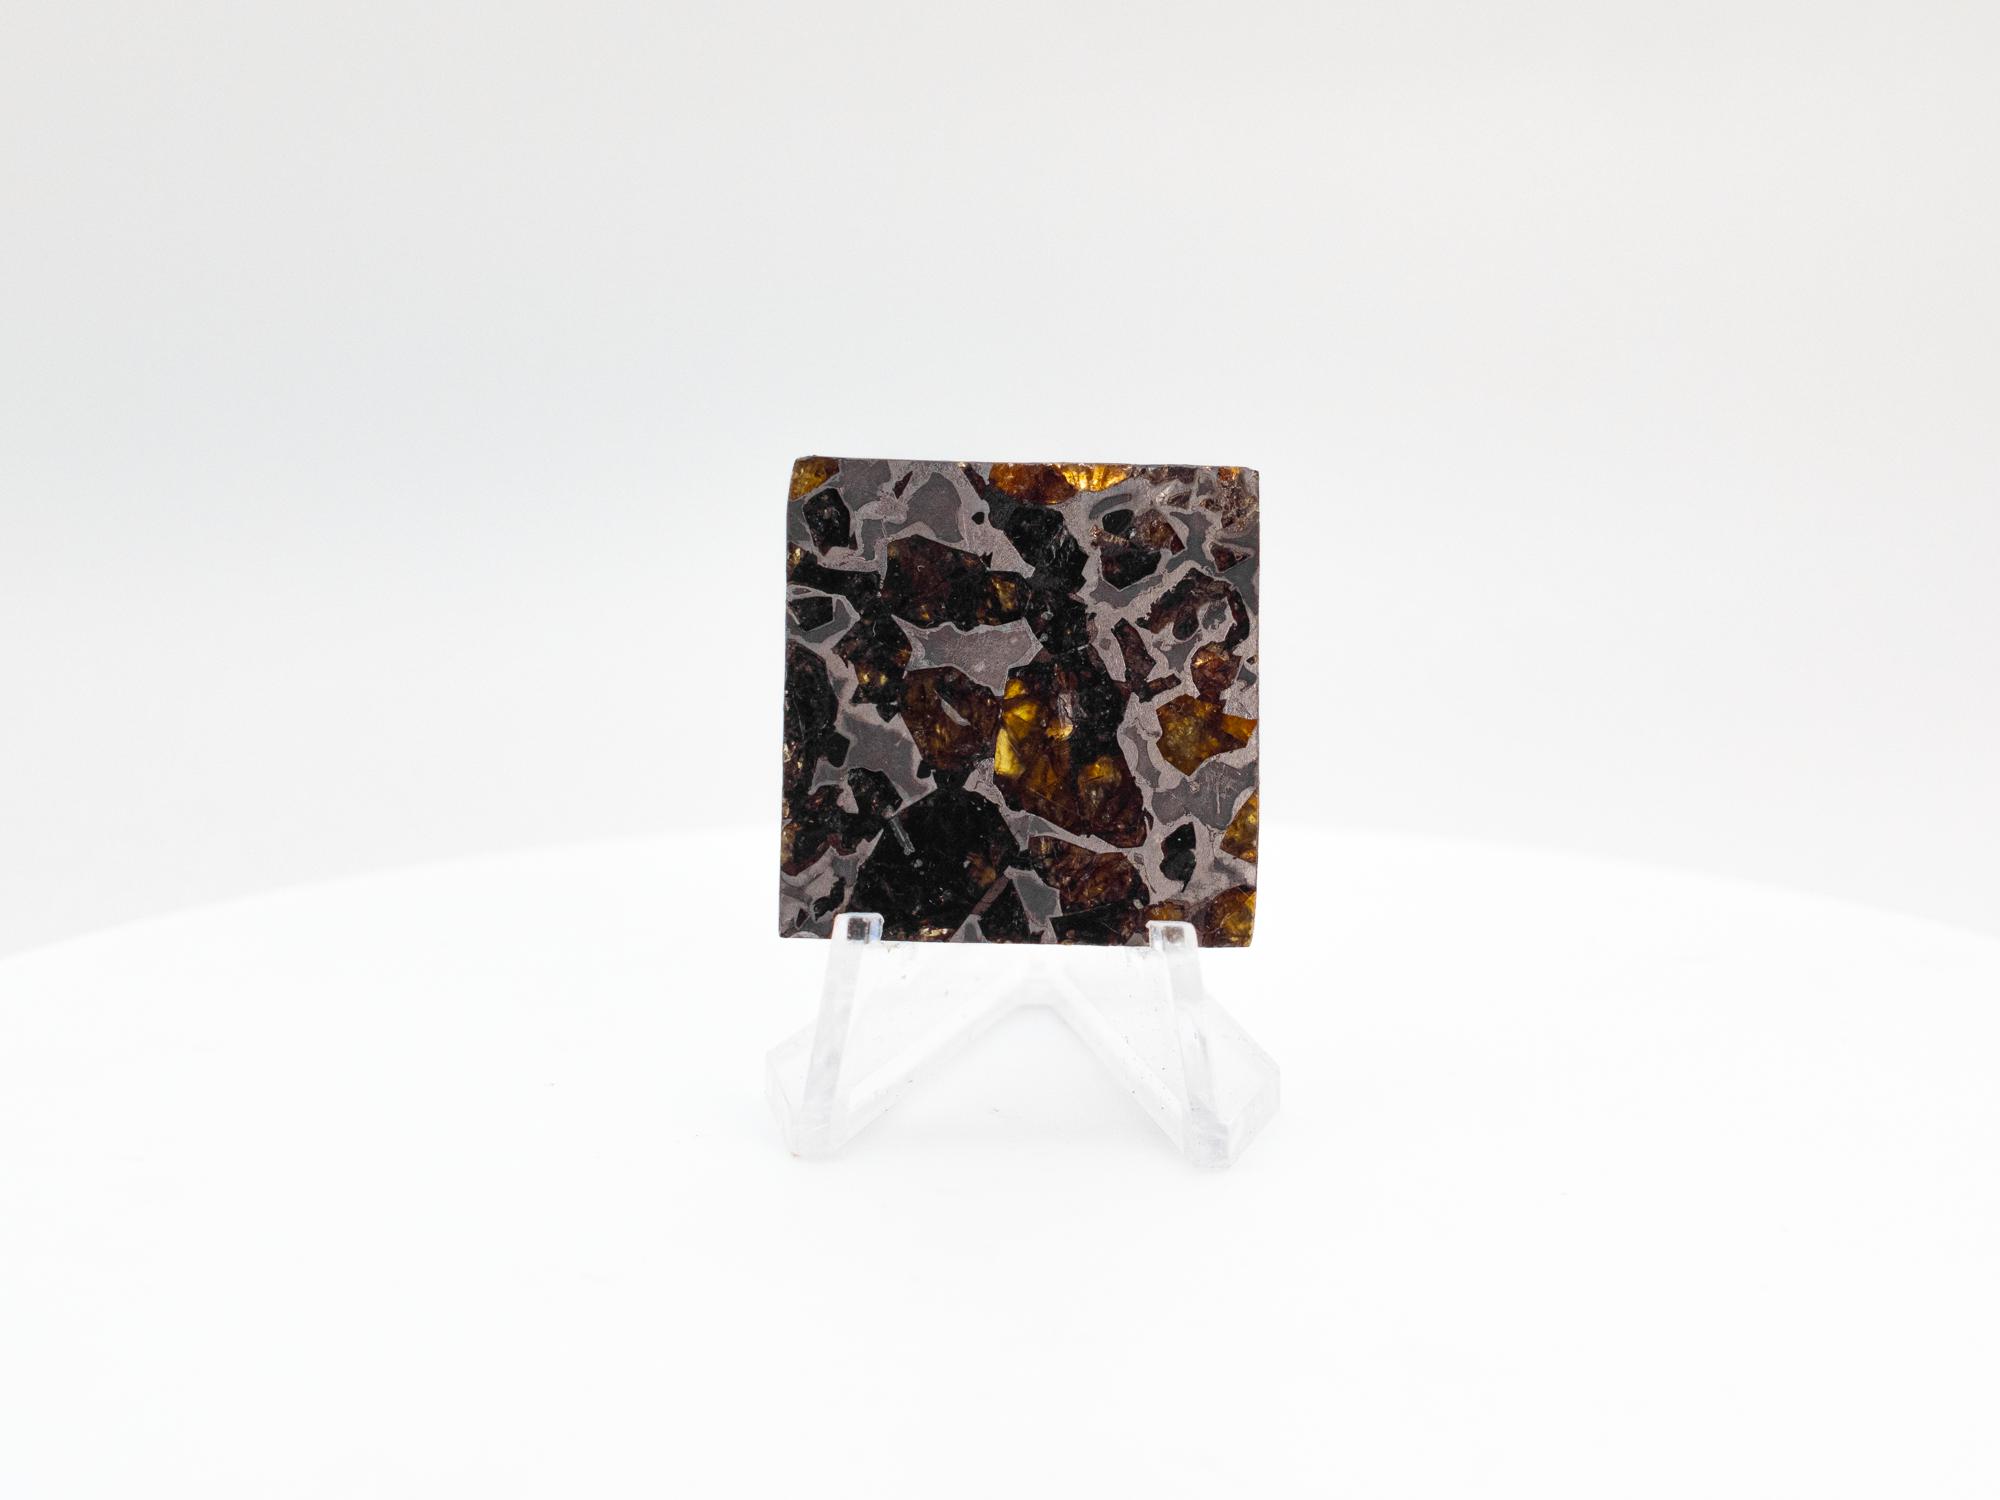 brahin pallasite meteorite